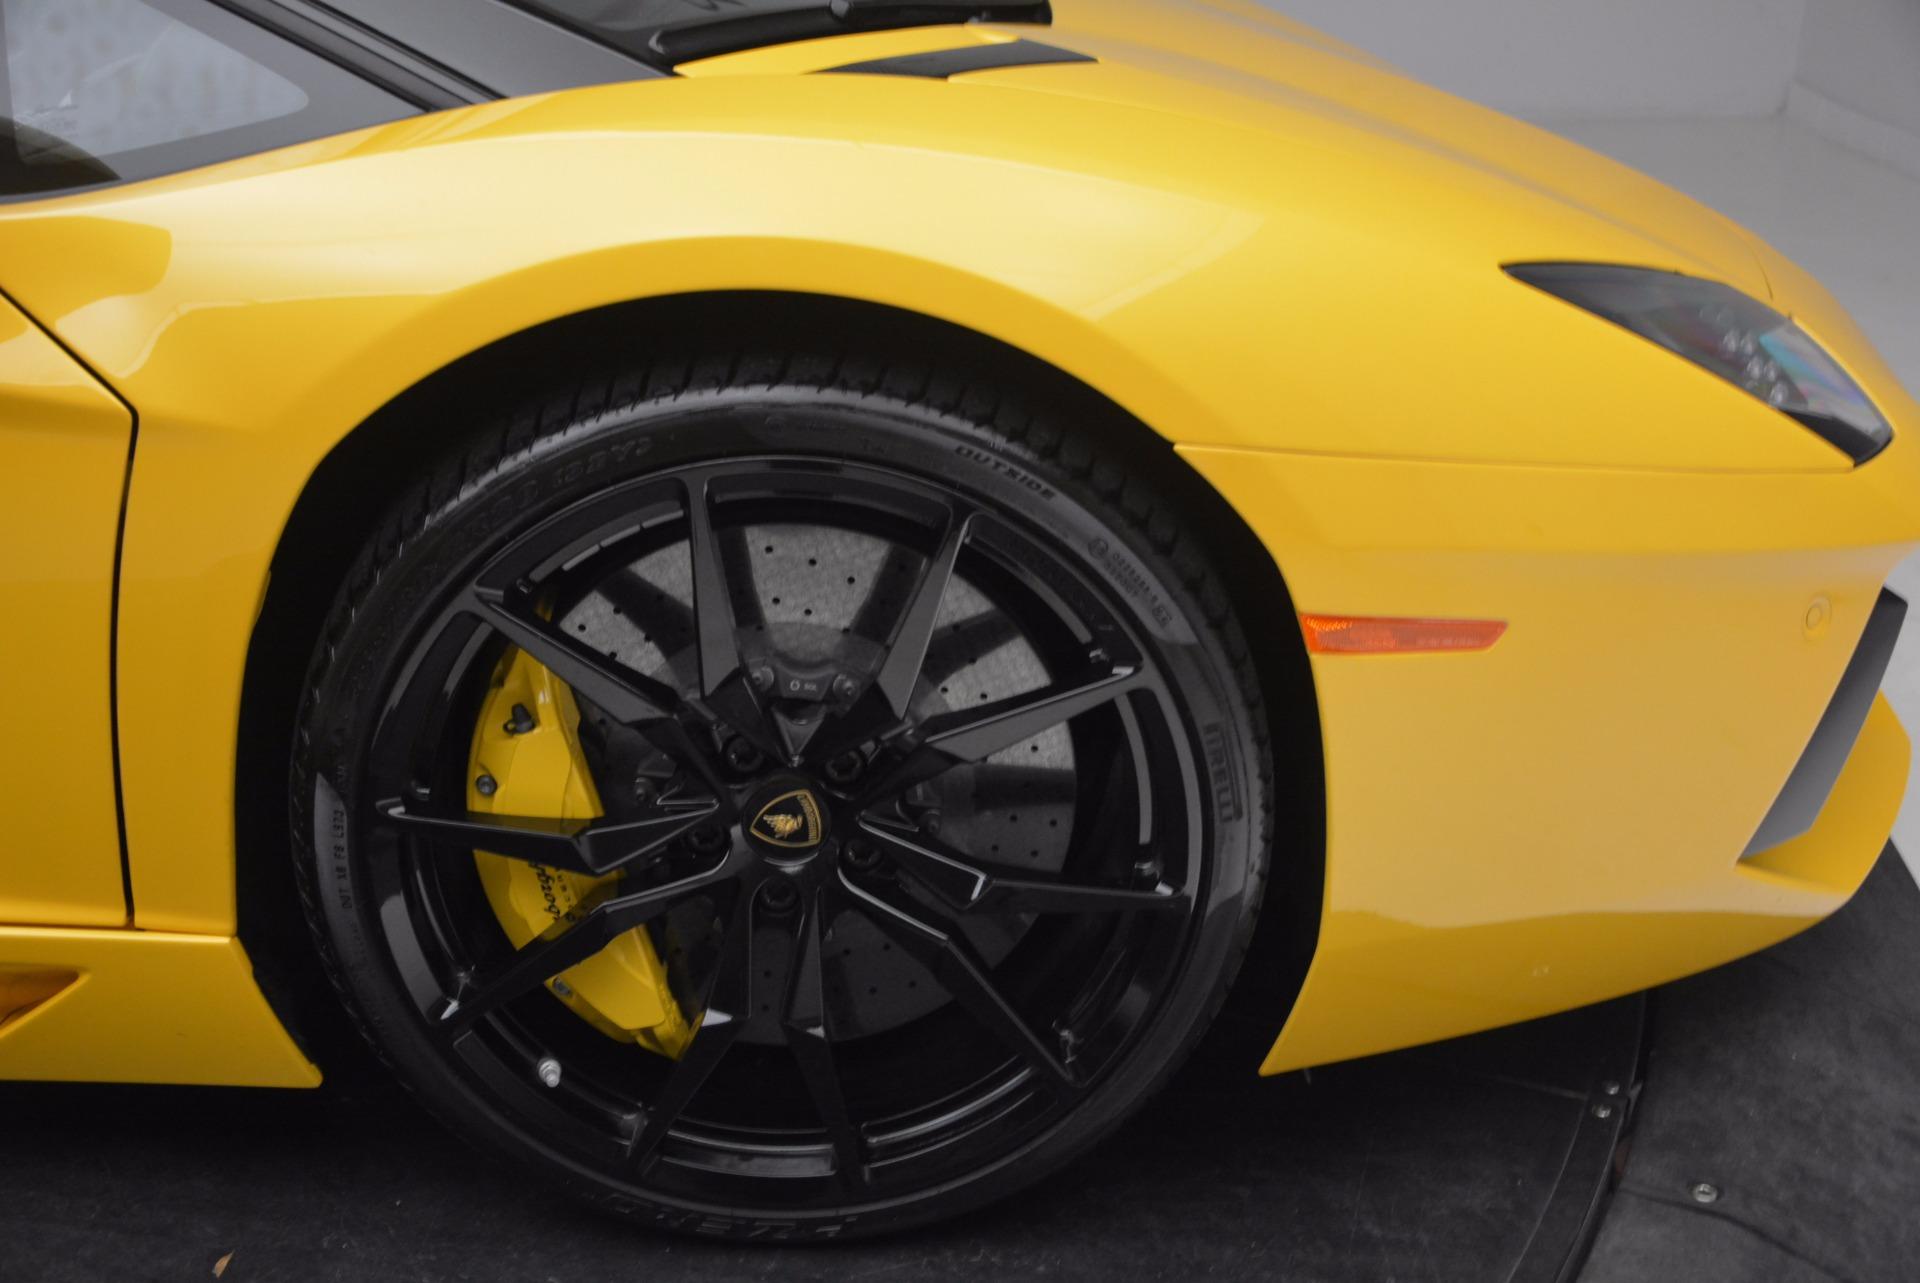 Used 2015 Lamborghini Aventador LP 700-4 Roadster For Sale In Greenwich, CT 1774_p27